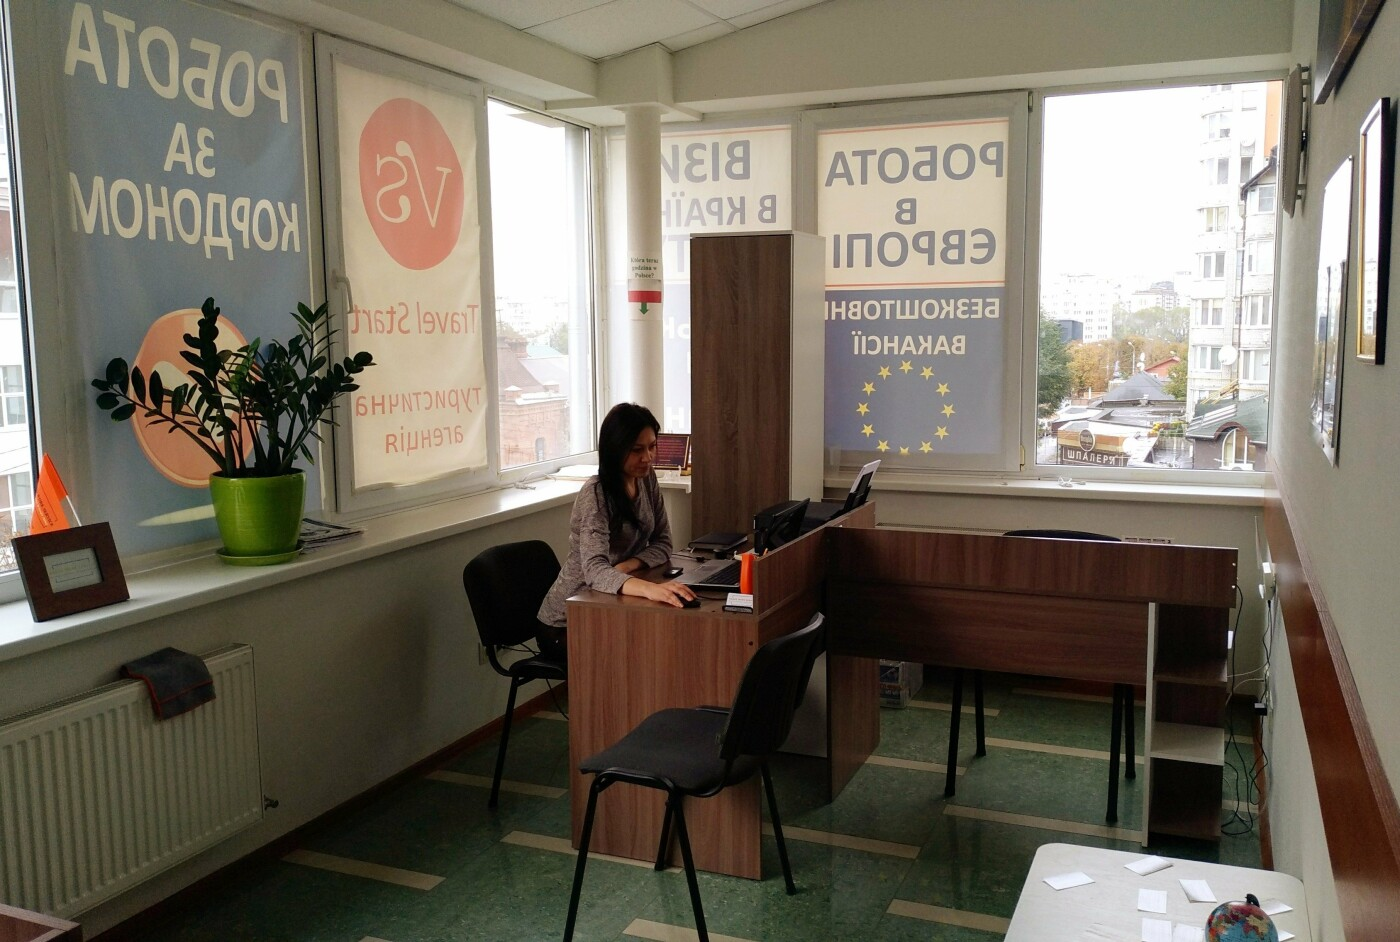 У Хмельницькому відкрилася філія європейської агенції праці, фото-1